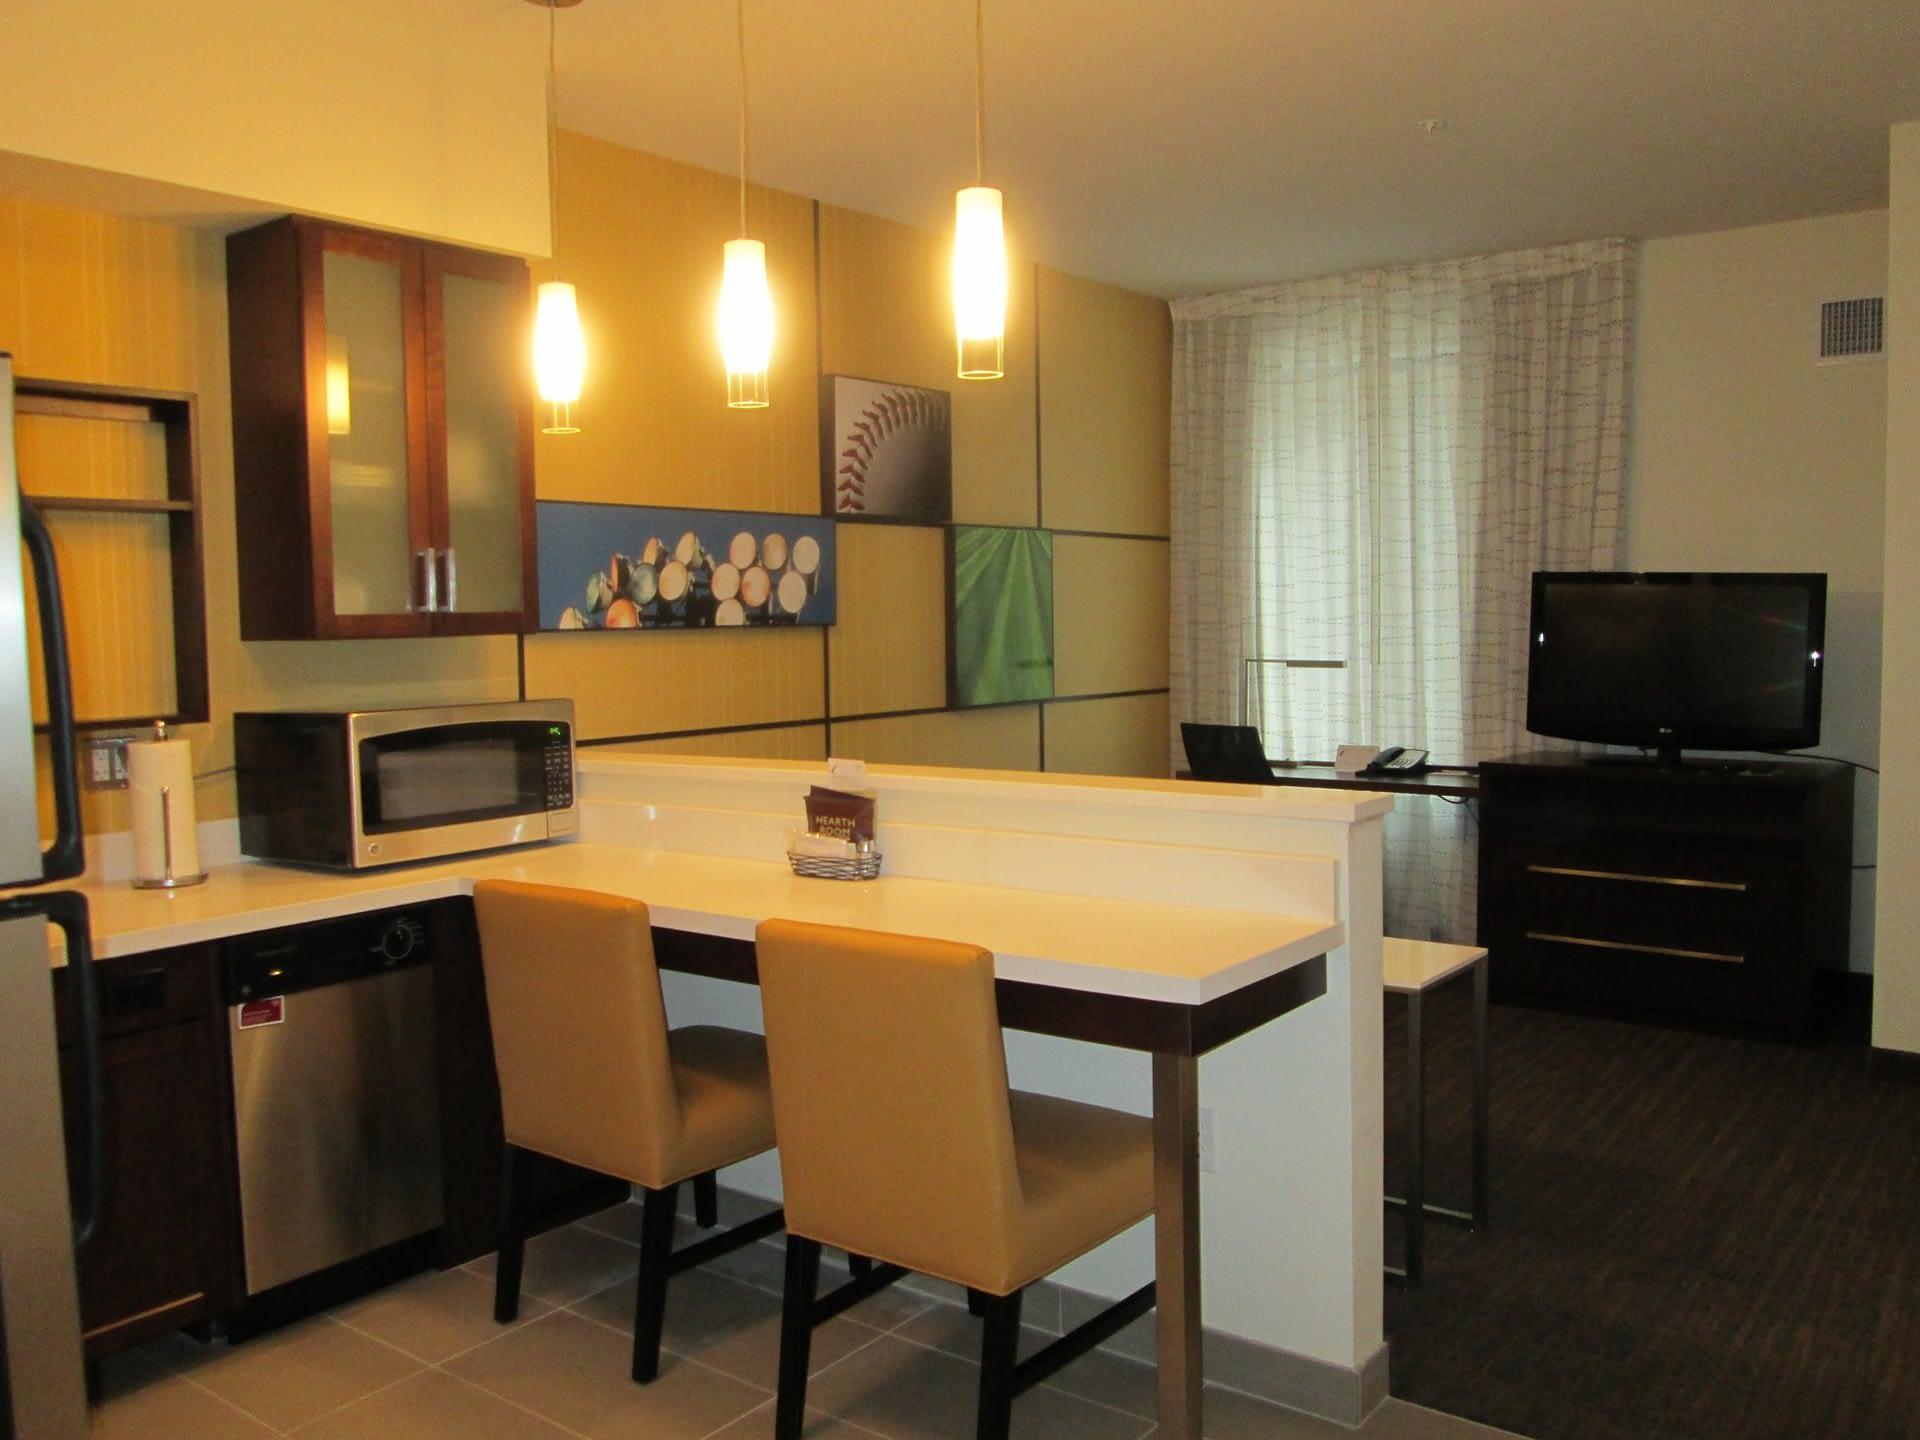 Residence Inn Room